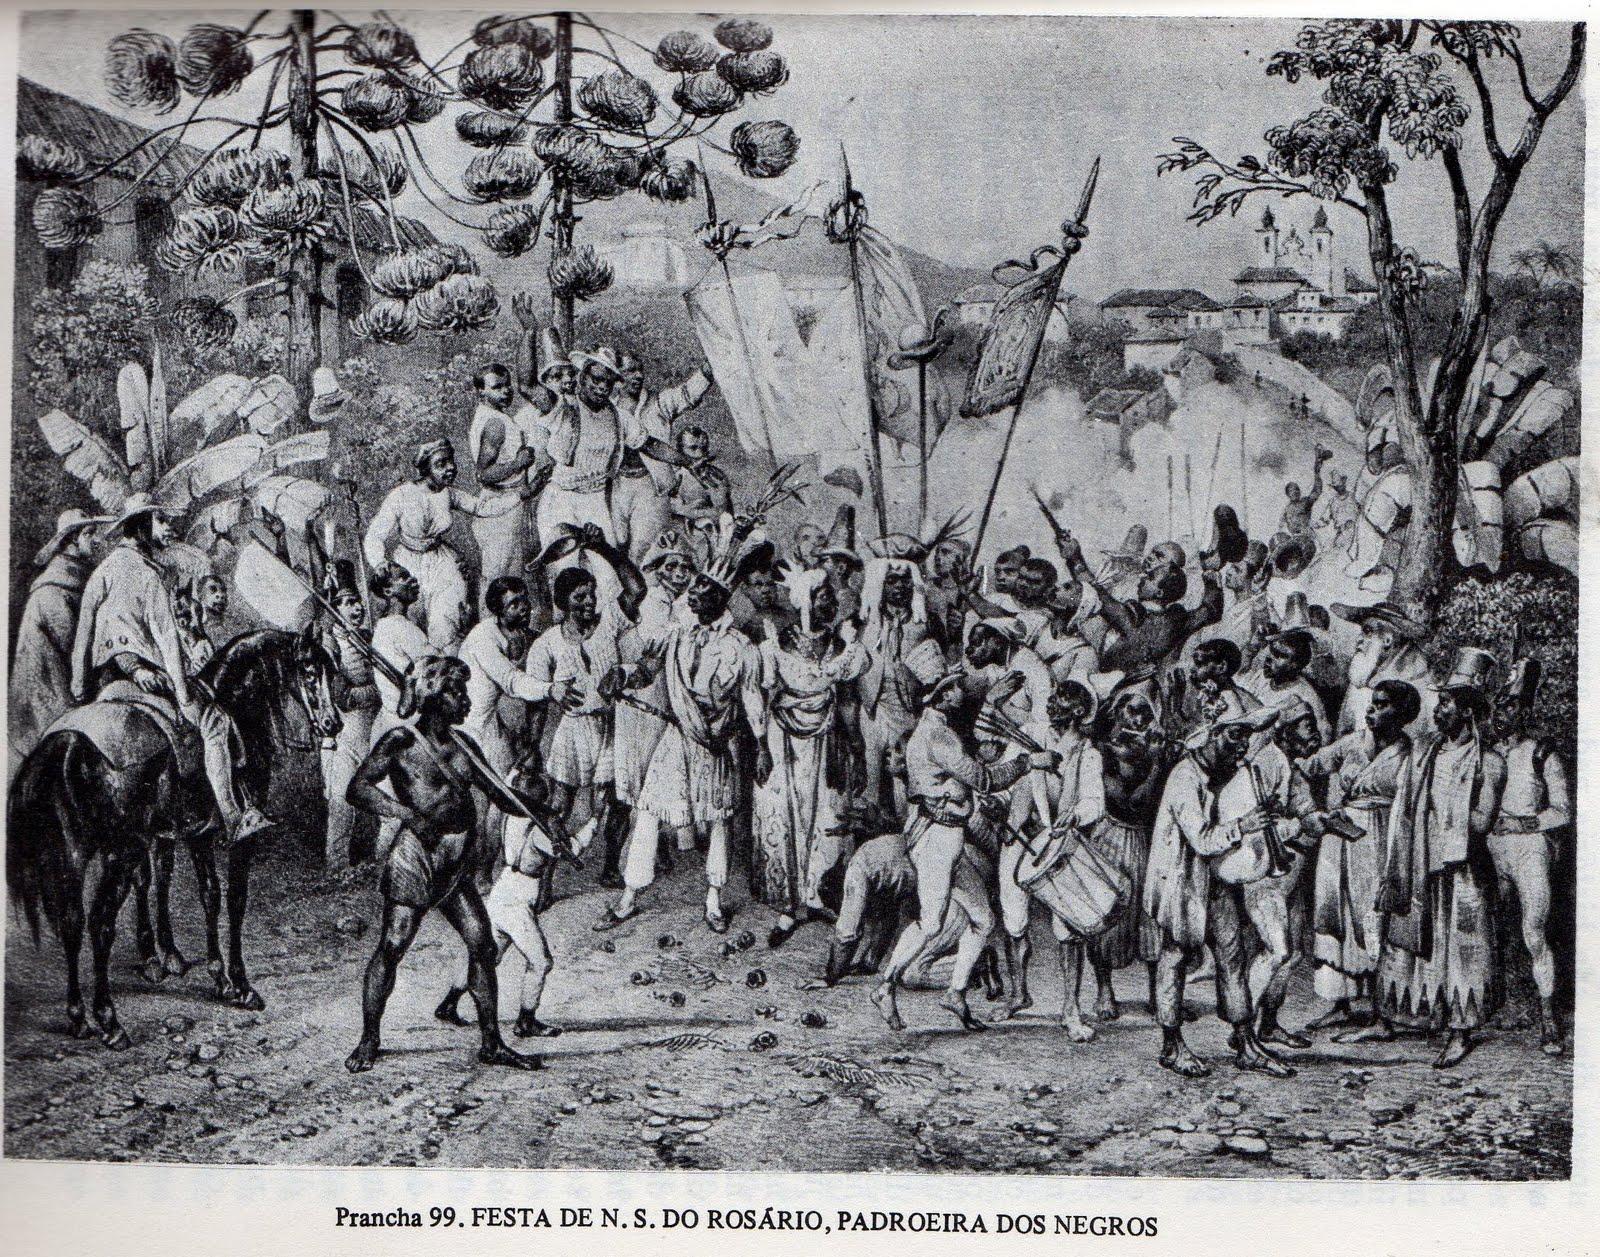 Festividade carnavalesca na colônia brasileira.